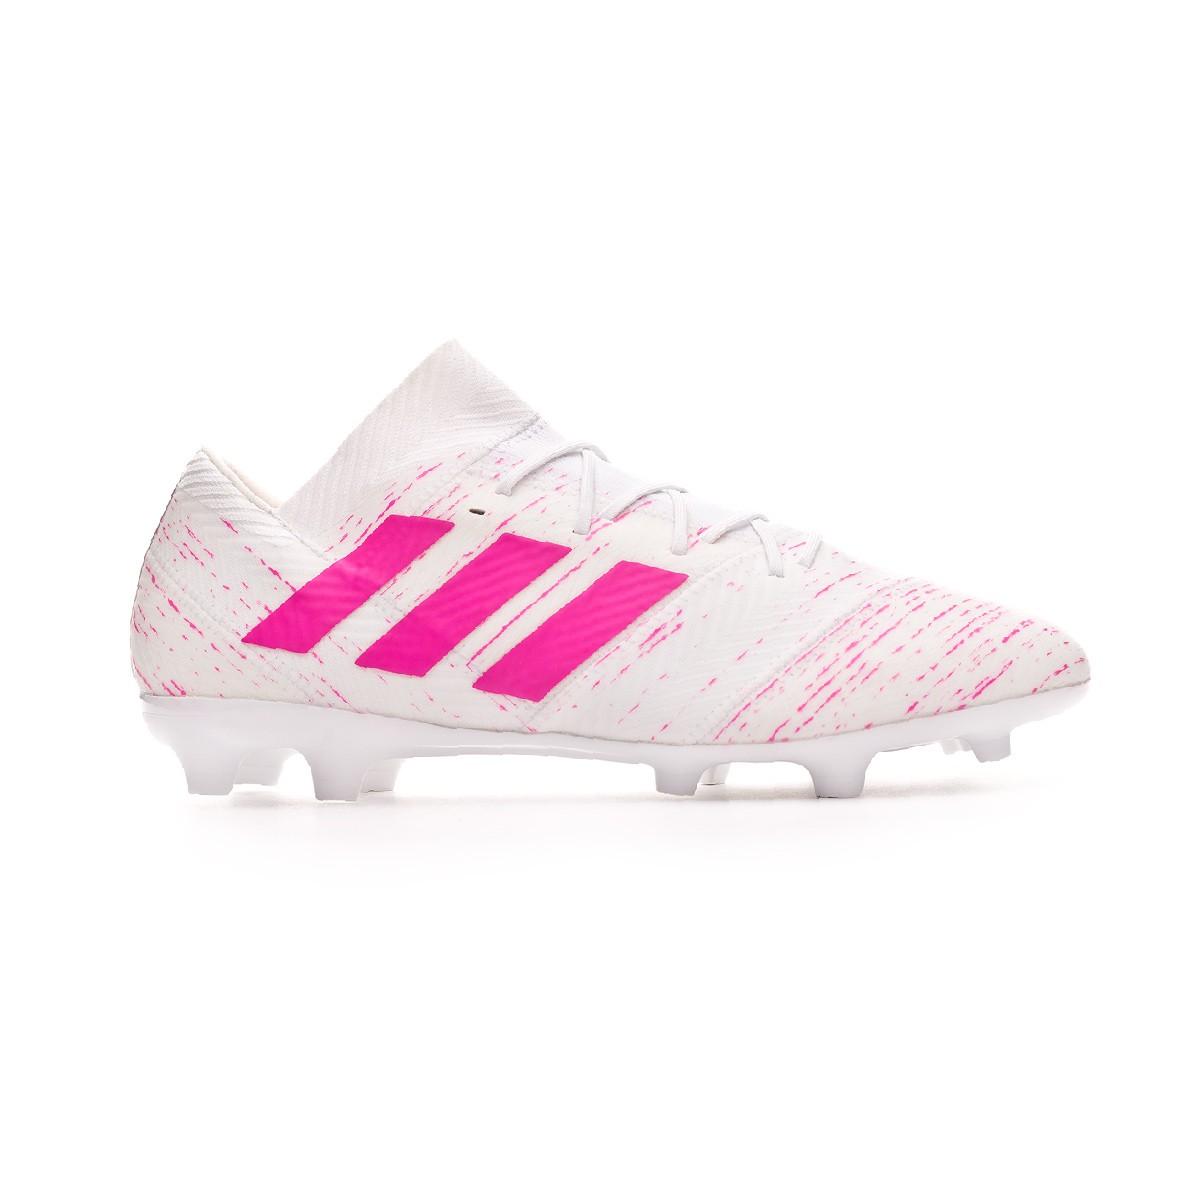 Football Boots adidas Nemeziz 18.2 FG